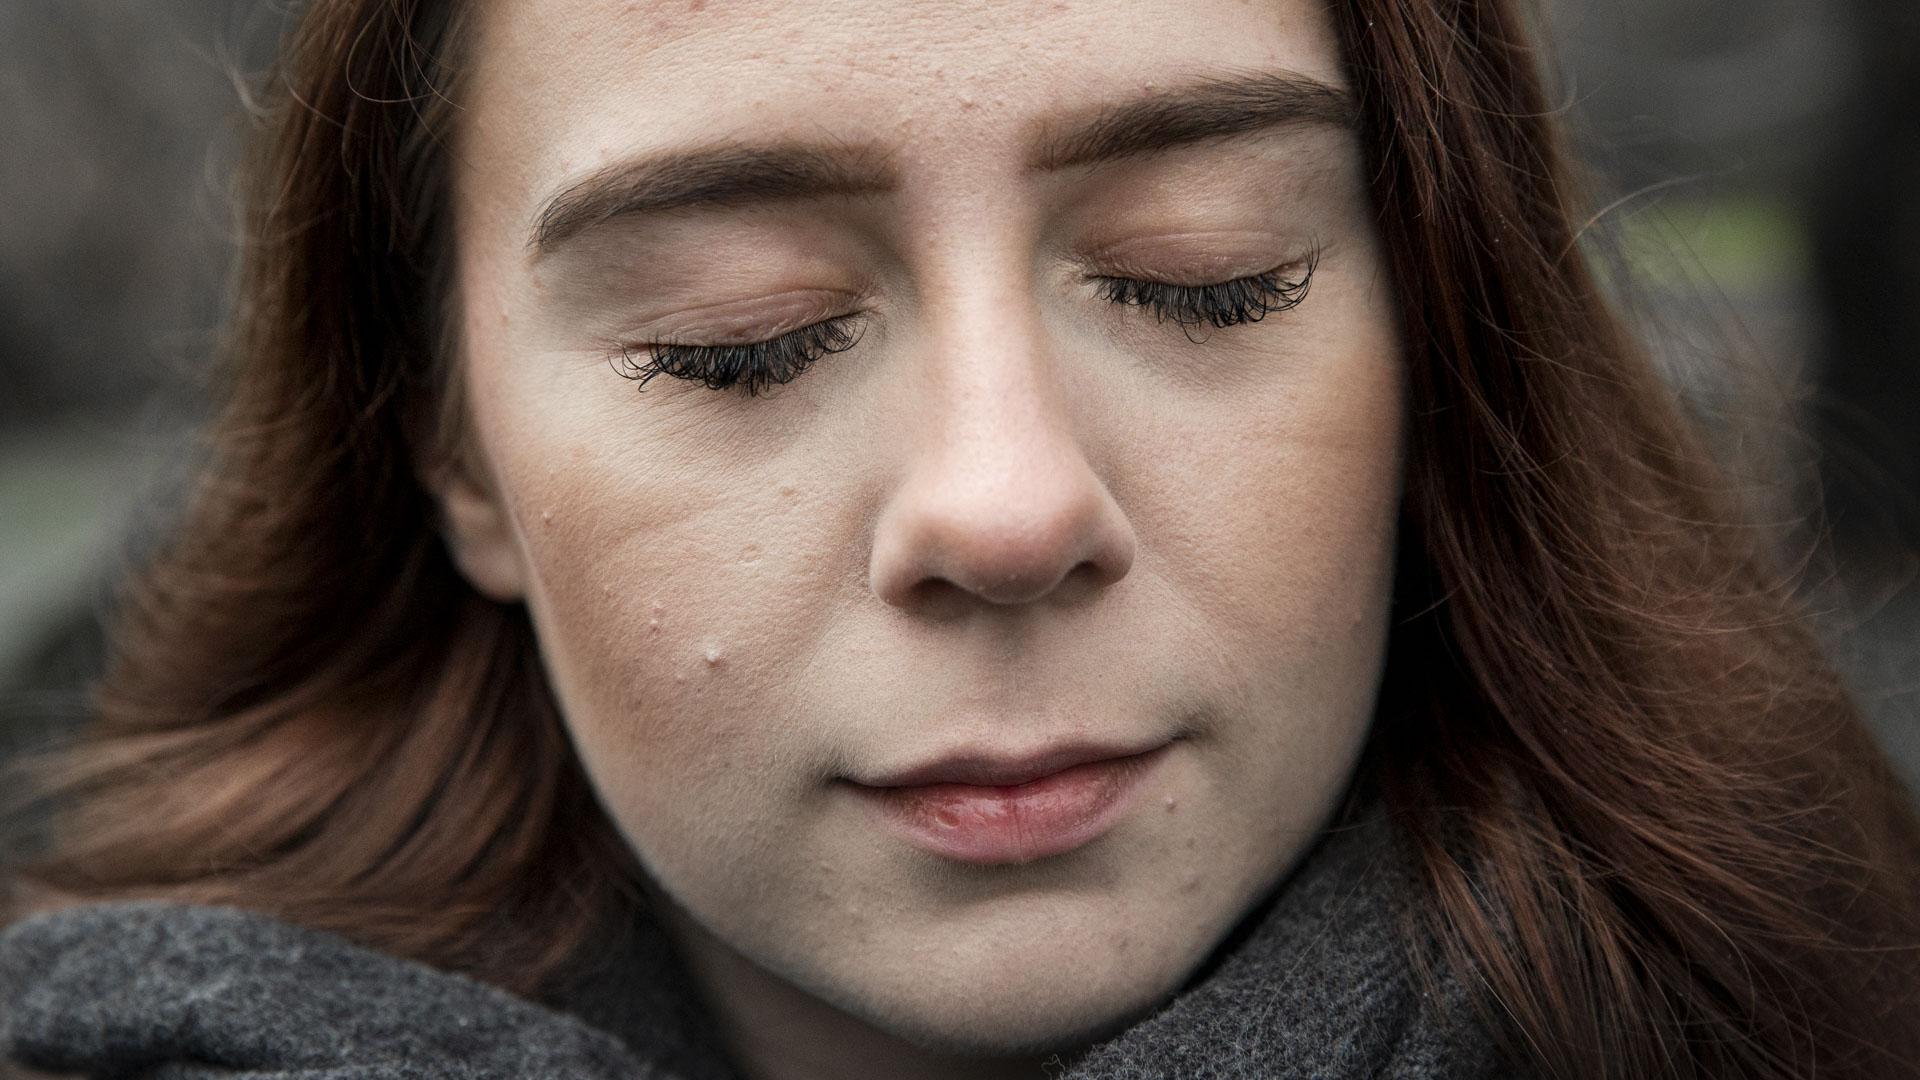 Bildet er et nærportrett av Synne, så ansiktet dekker hele bildeflaten. Synne har øyne lukket, så hun ser tenkende ut. Hun har brunt, gyldent hår som blåser litt bakover mot skuldrene. Vippene er lange, og huden lys. Munnen er lukket, og ansiktsuttrykket er en krysning av alvorlig og smilende. Rundt halsen har hun et grått skjerf.